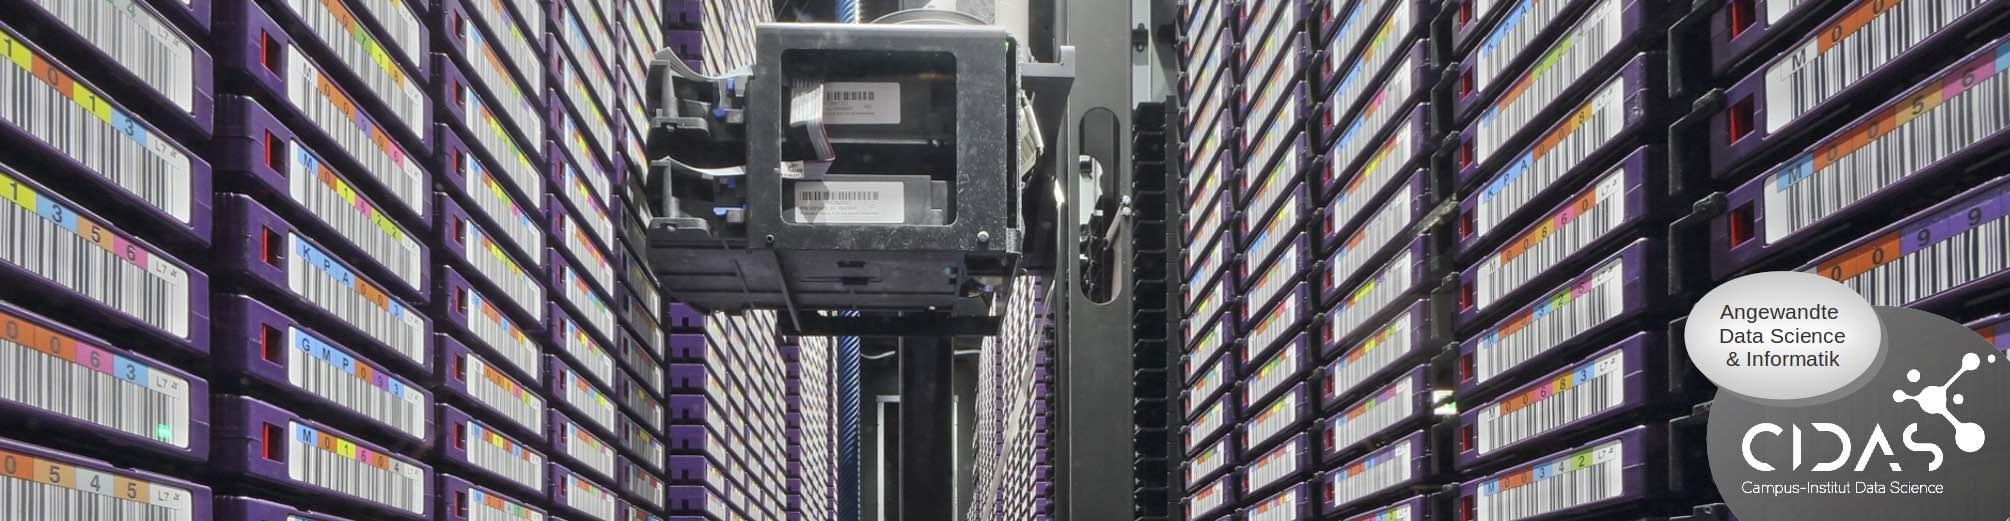 Angewandte Data Science und Informatik